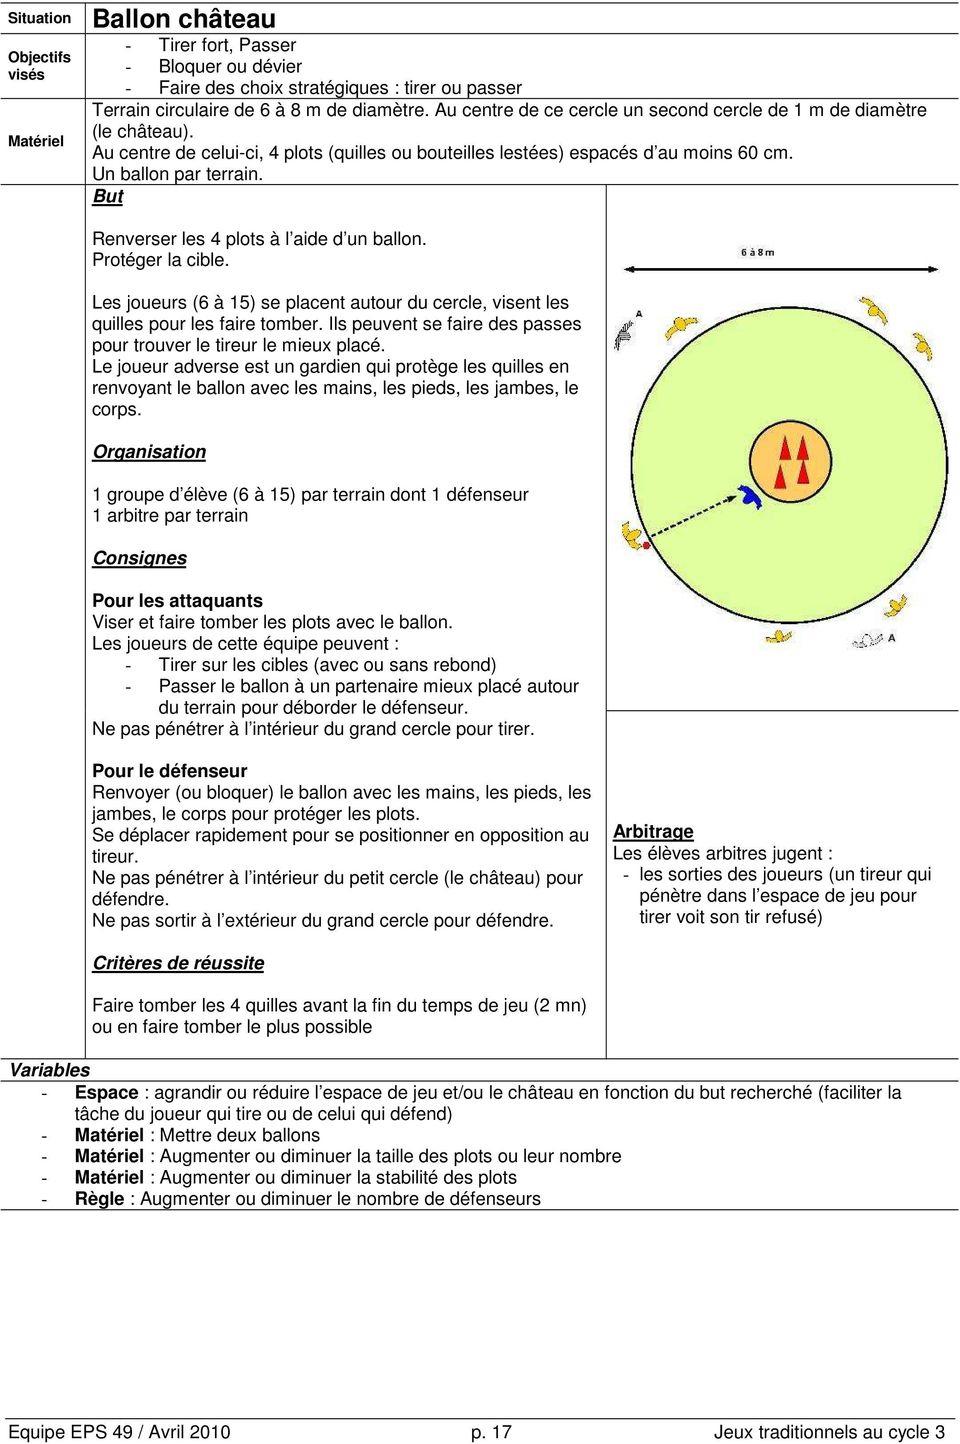 Jeux Collectifs Traditionnels Au Cycle 3 - Pdf dedans Jeux Collectifs Cycle 3 Sans Ballon